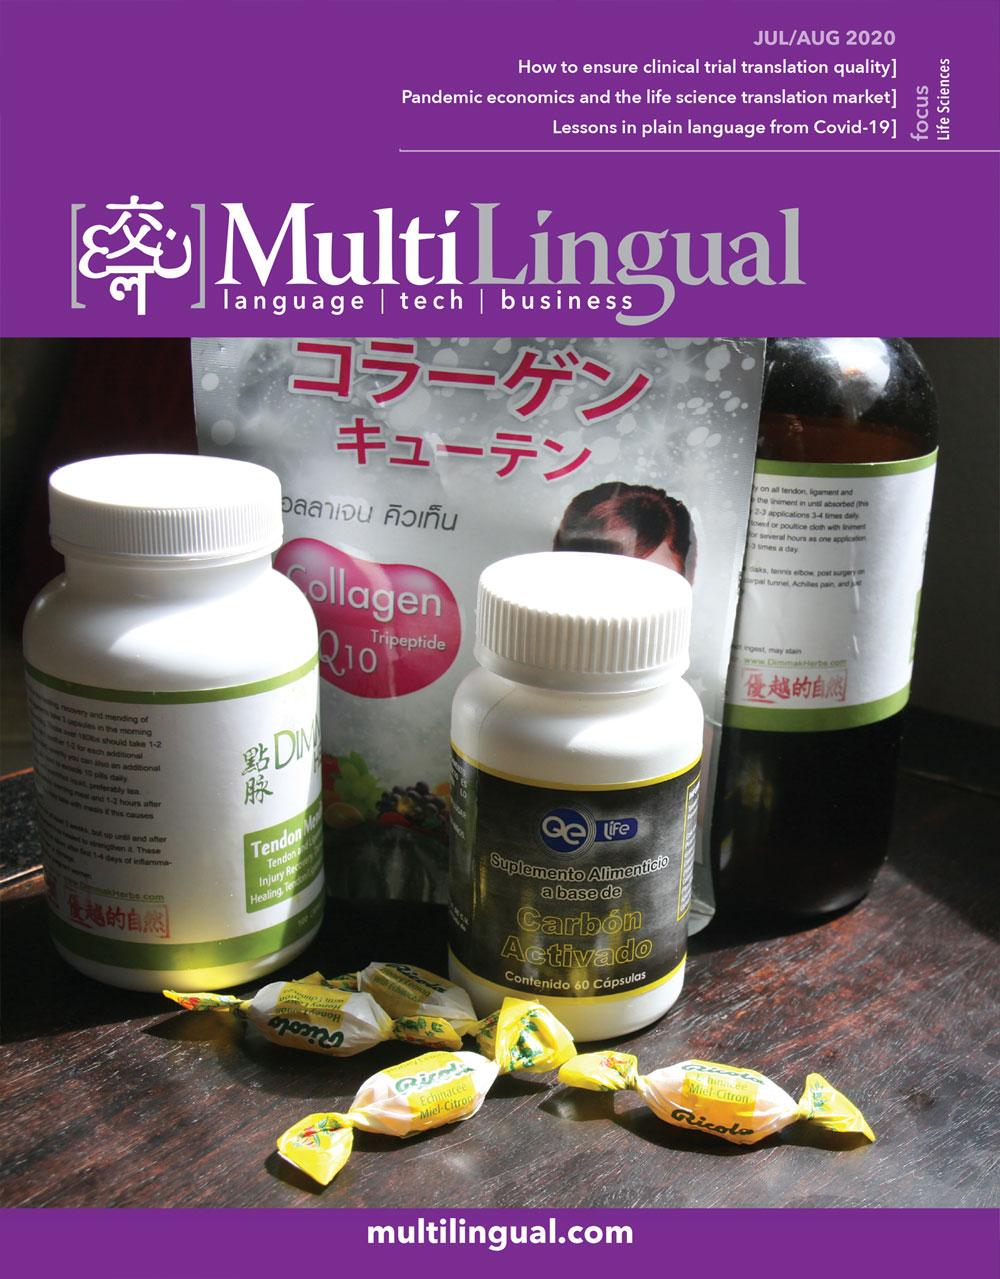 Multilingual magazines